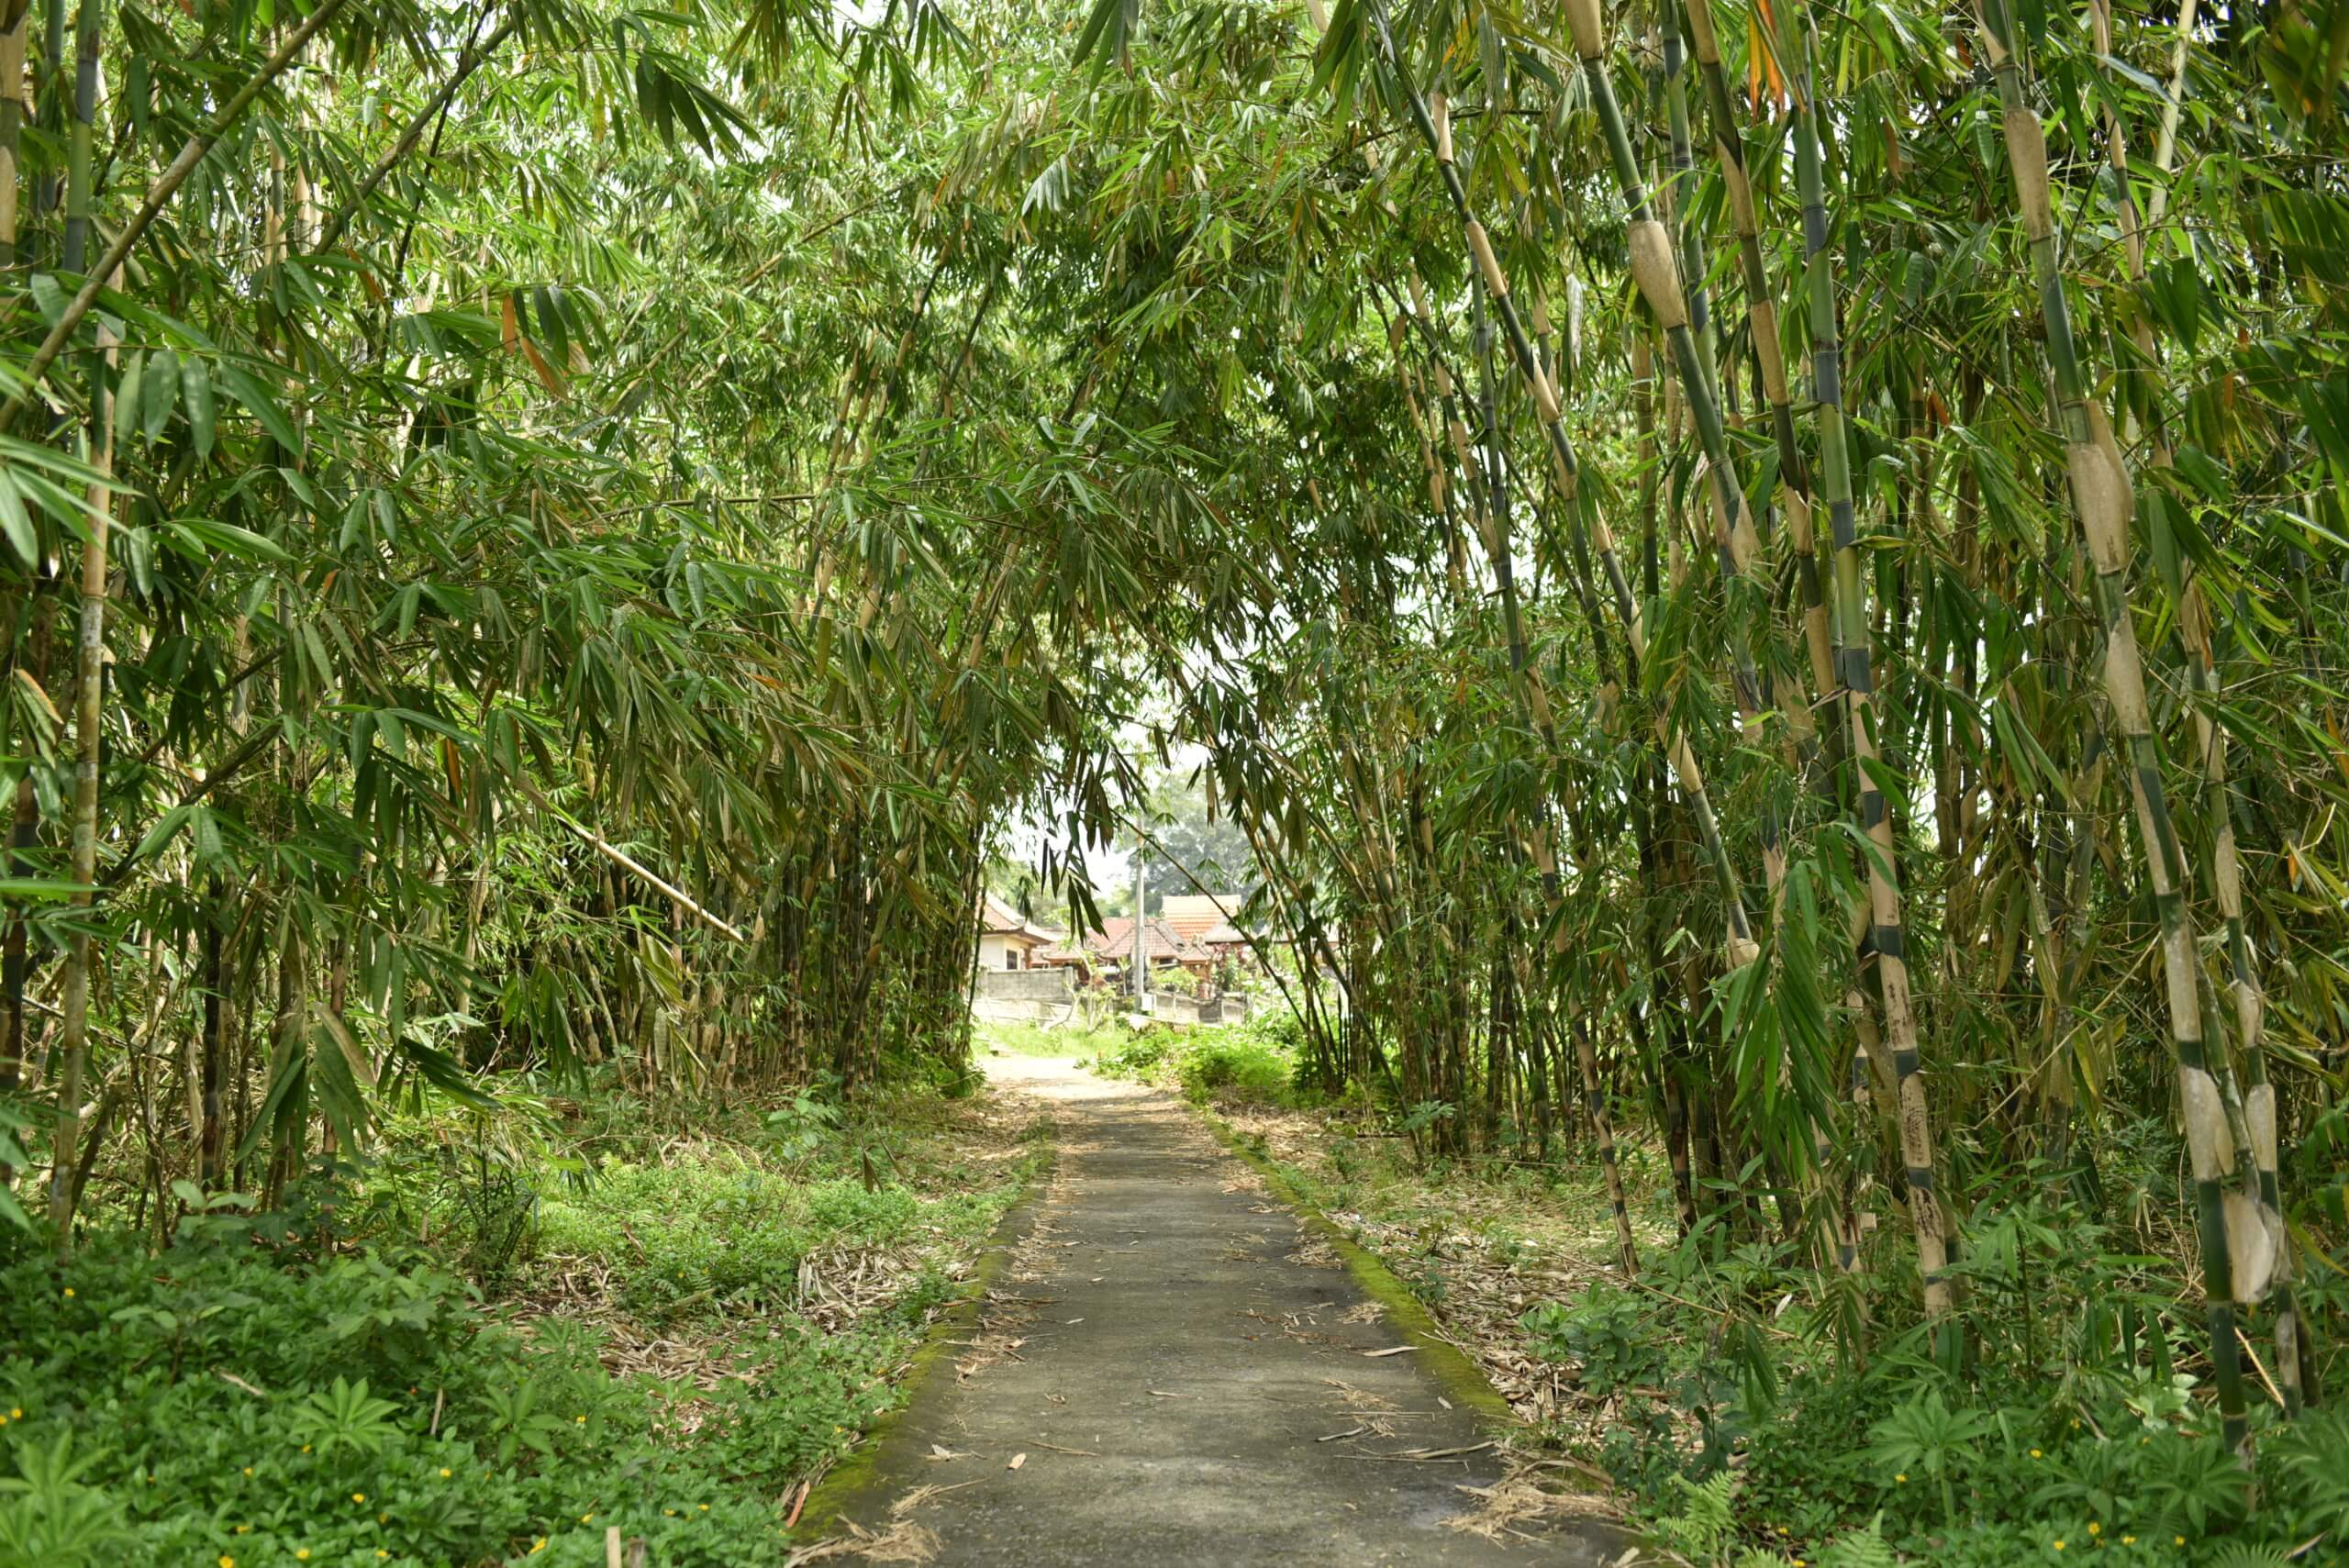 Sentier au milieu d'une forêt de bambou